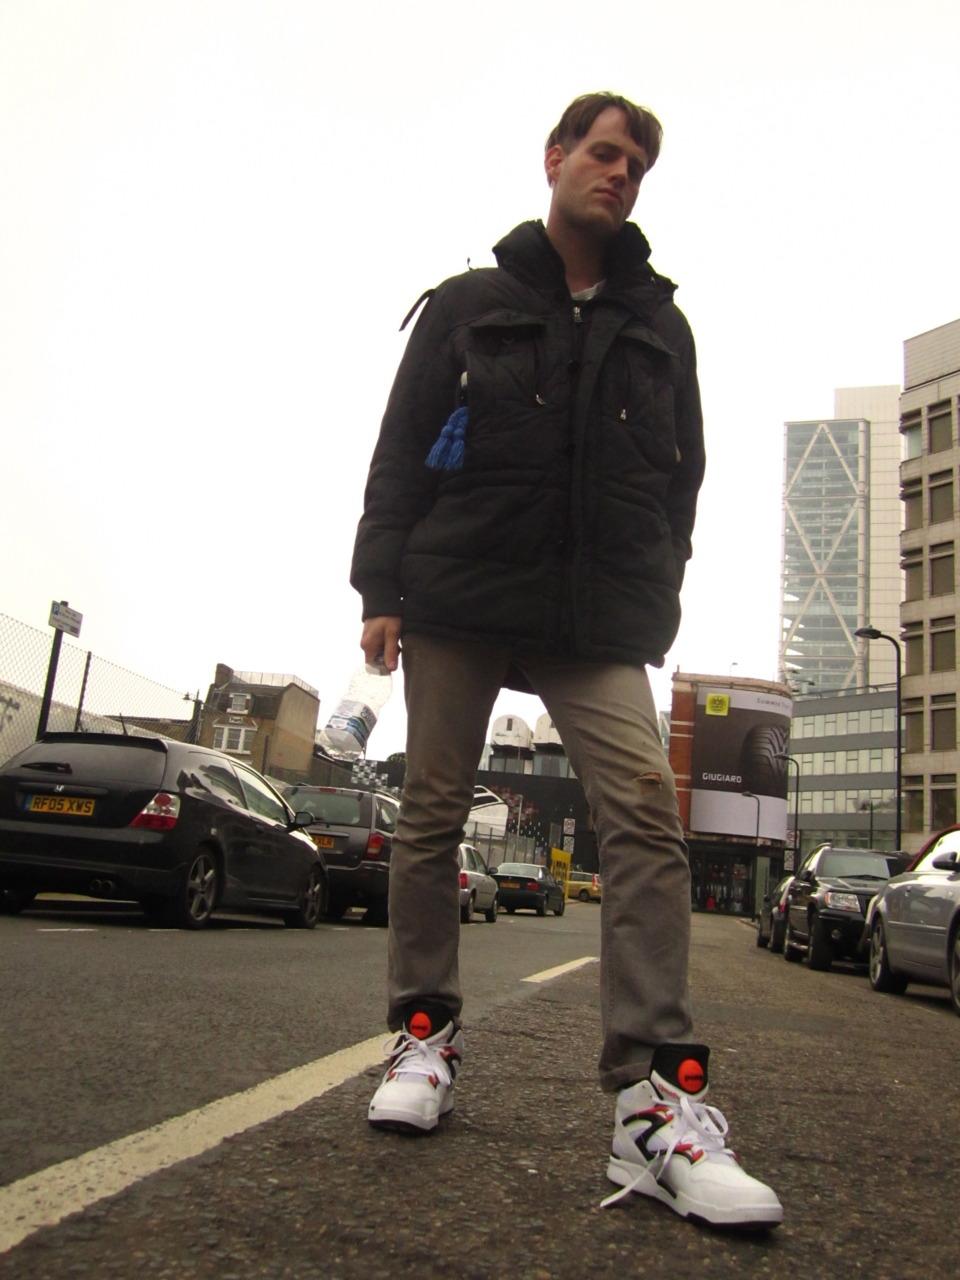 Andrew. London, UK